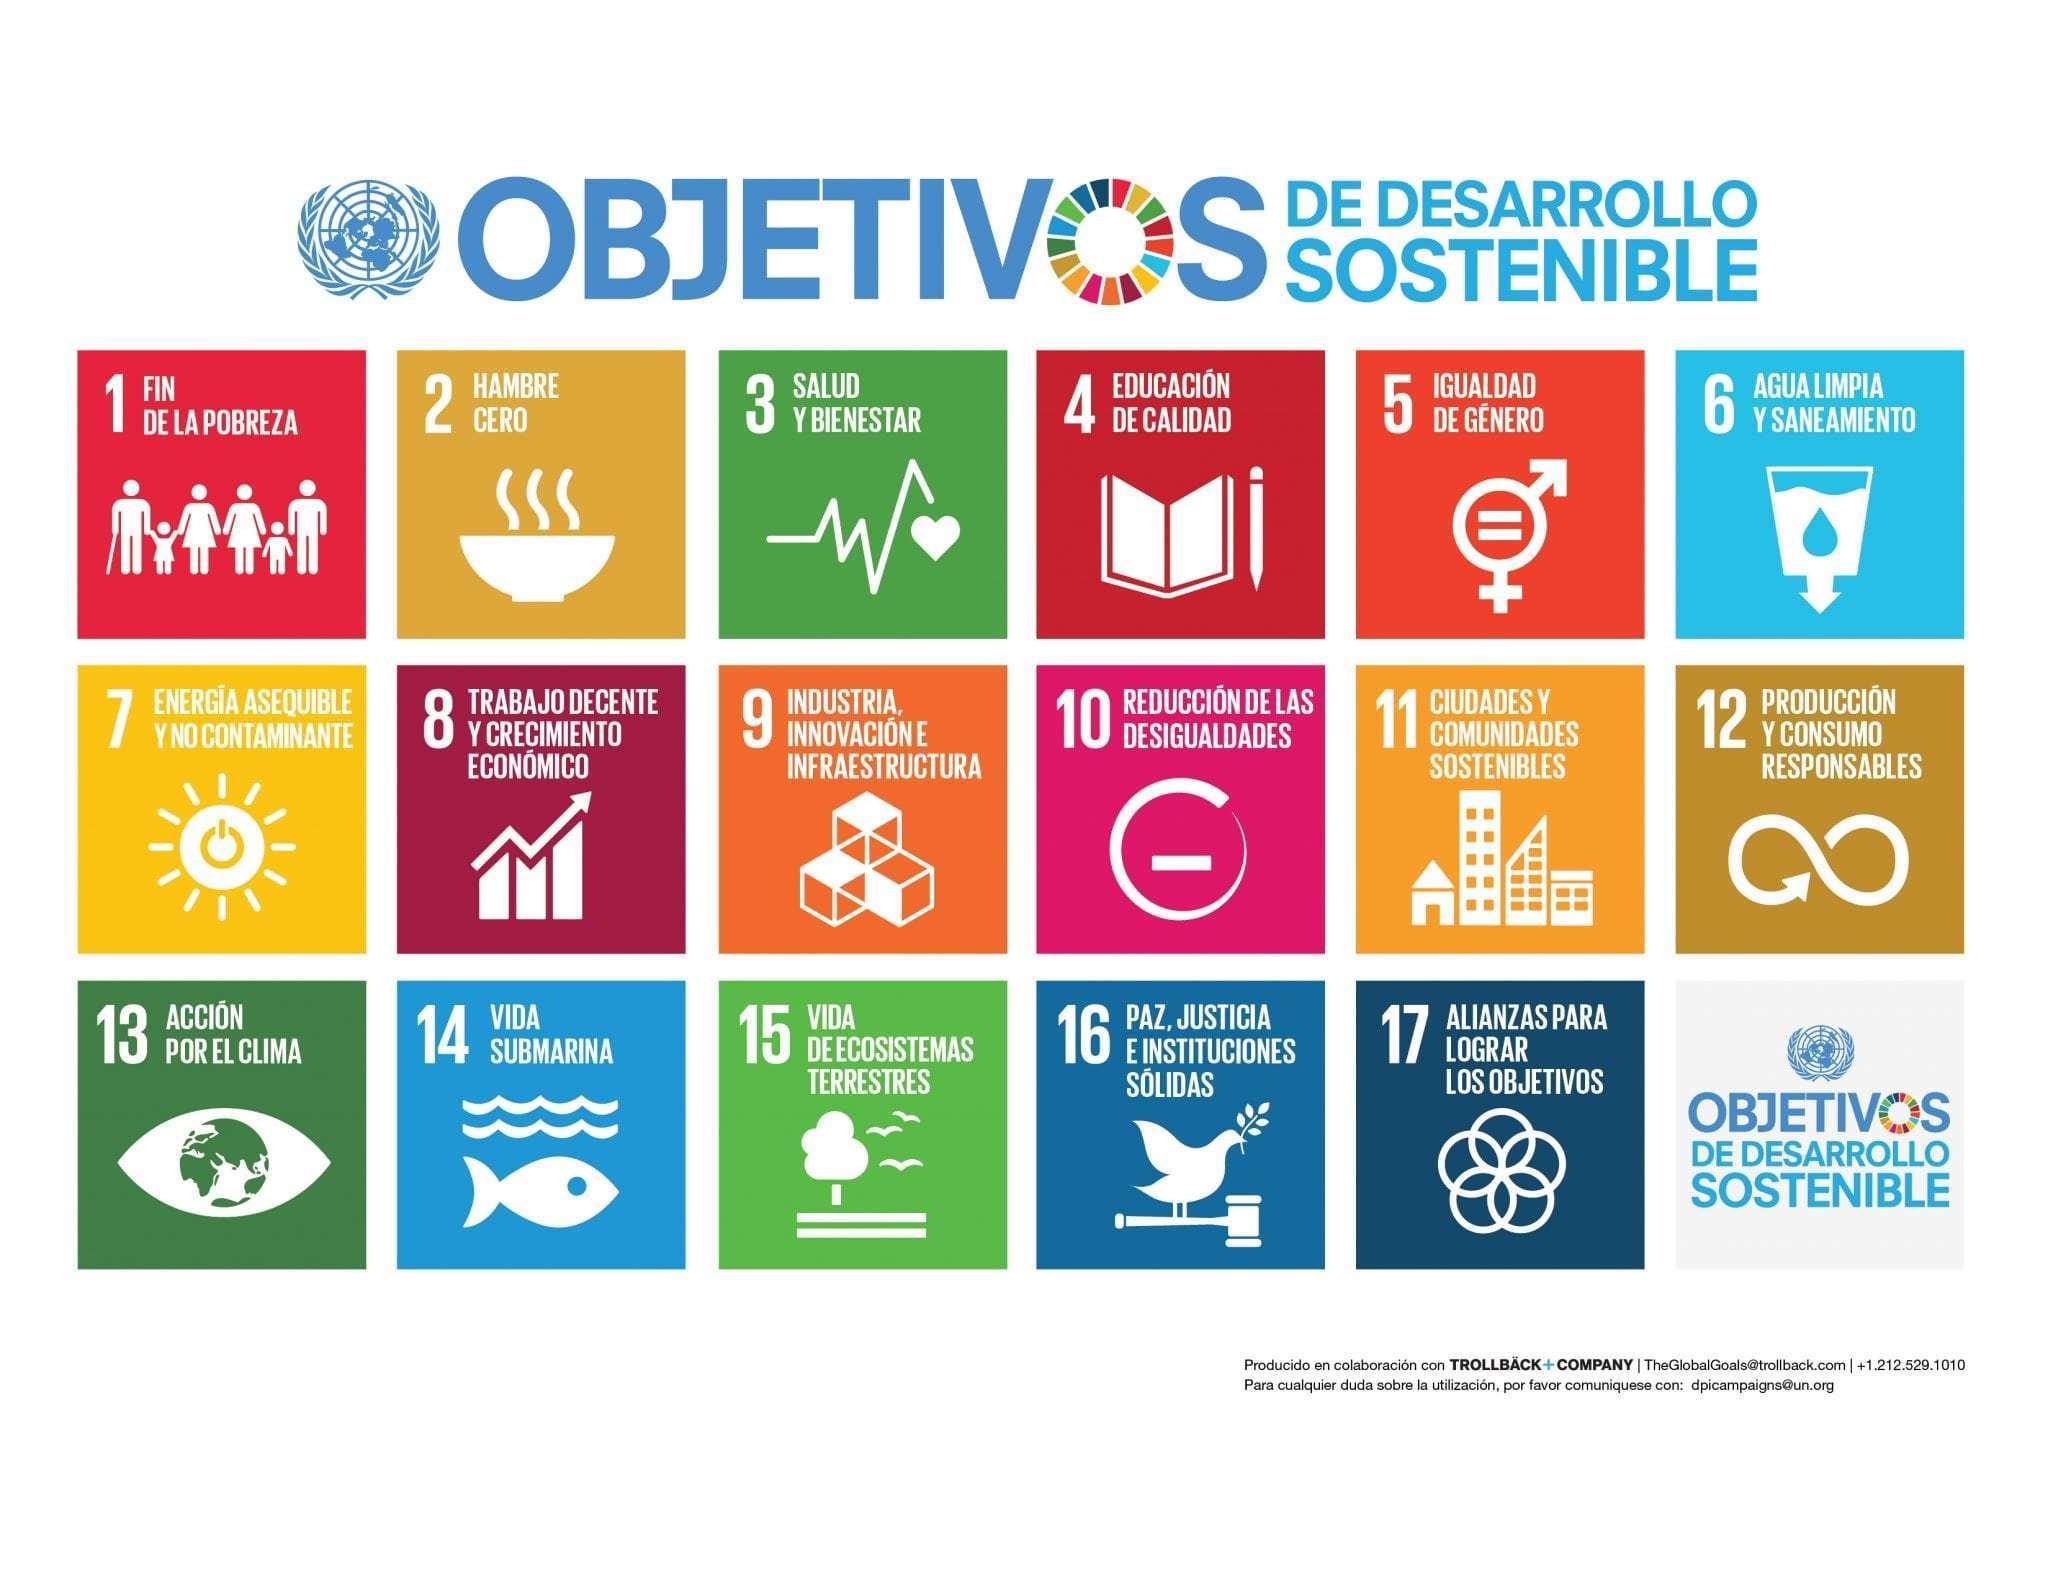 ¿Cuáles son los Objetivos de Desarrollo Sostenible?